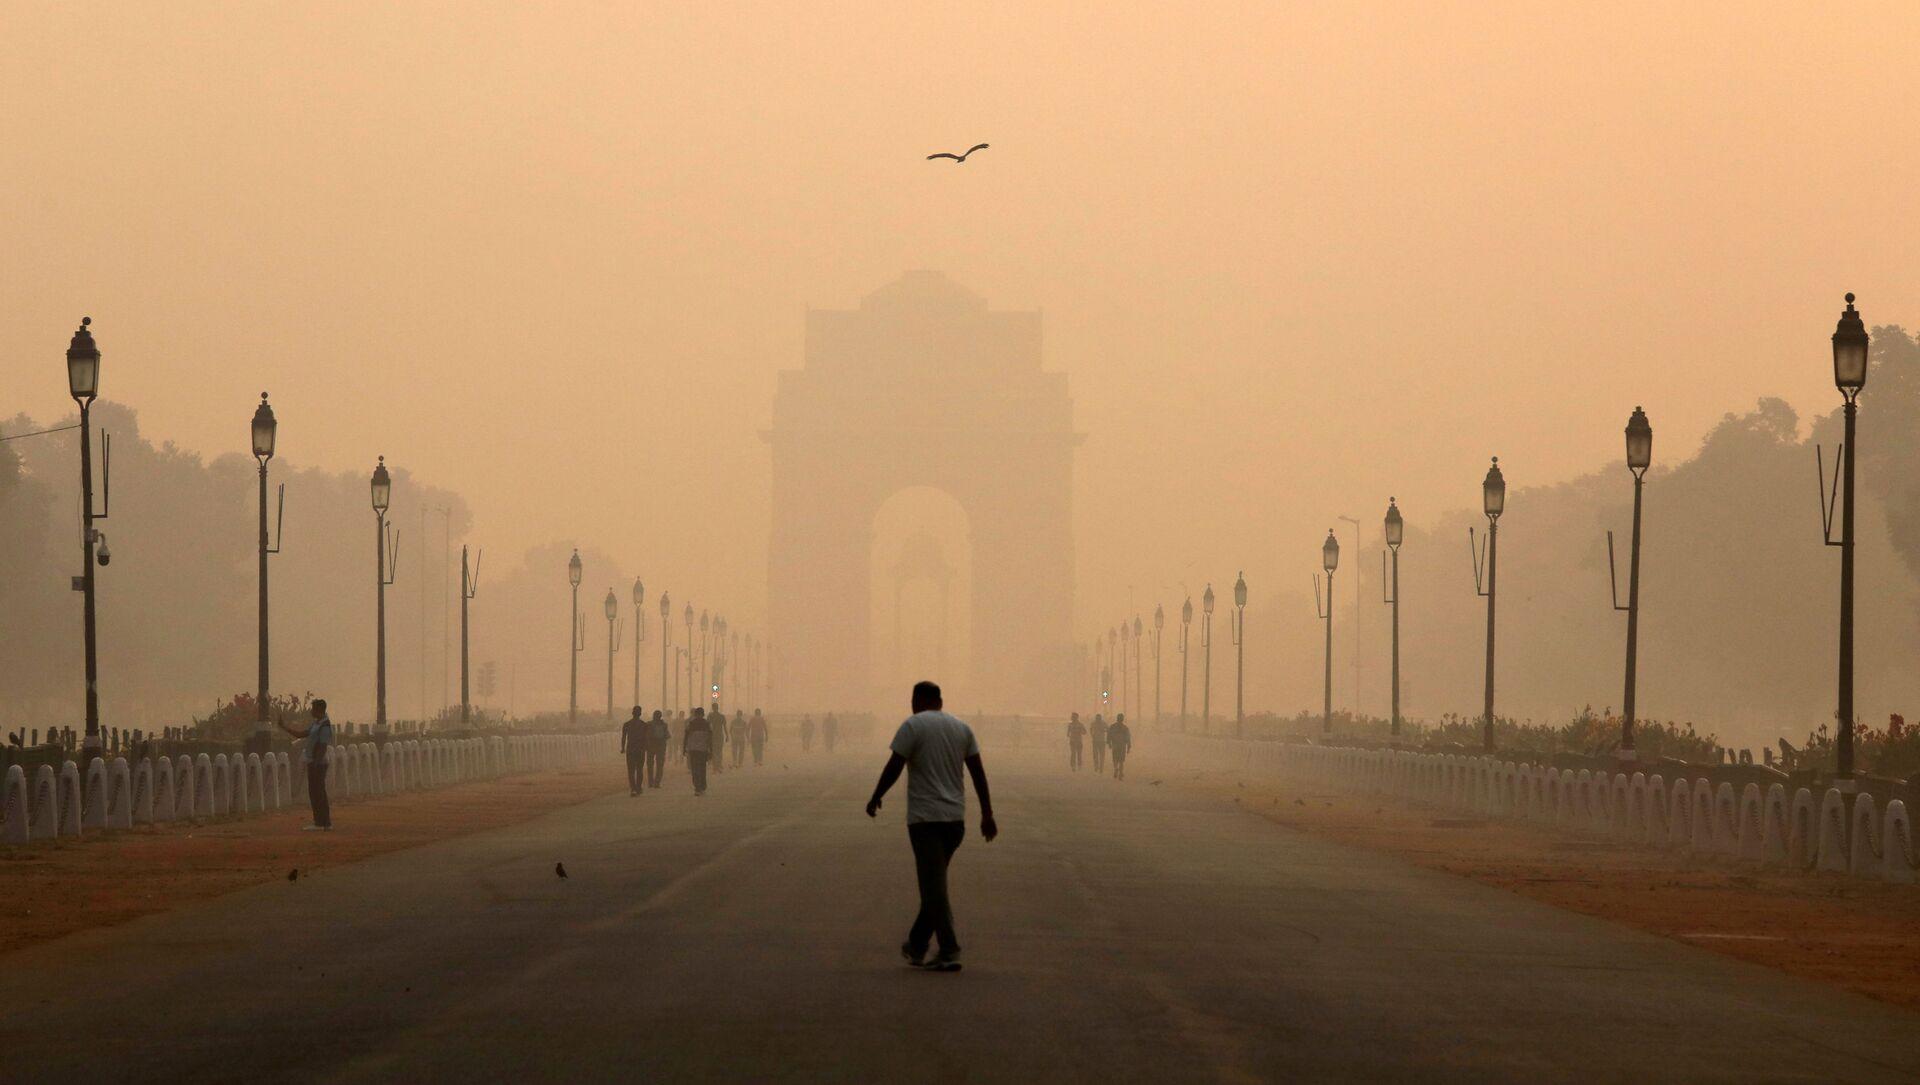 Hindistan'daki hava kirliliği - Sputnik Türkiye, 1920, 01.08.2021